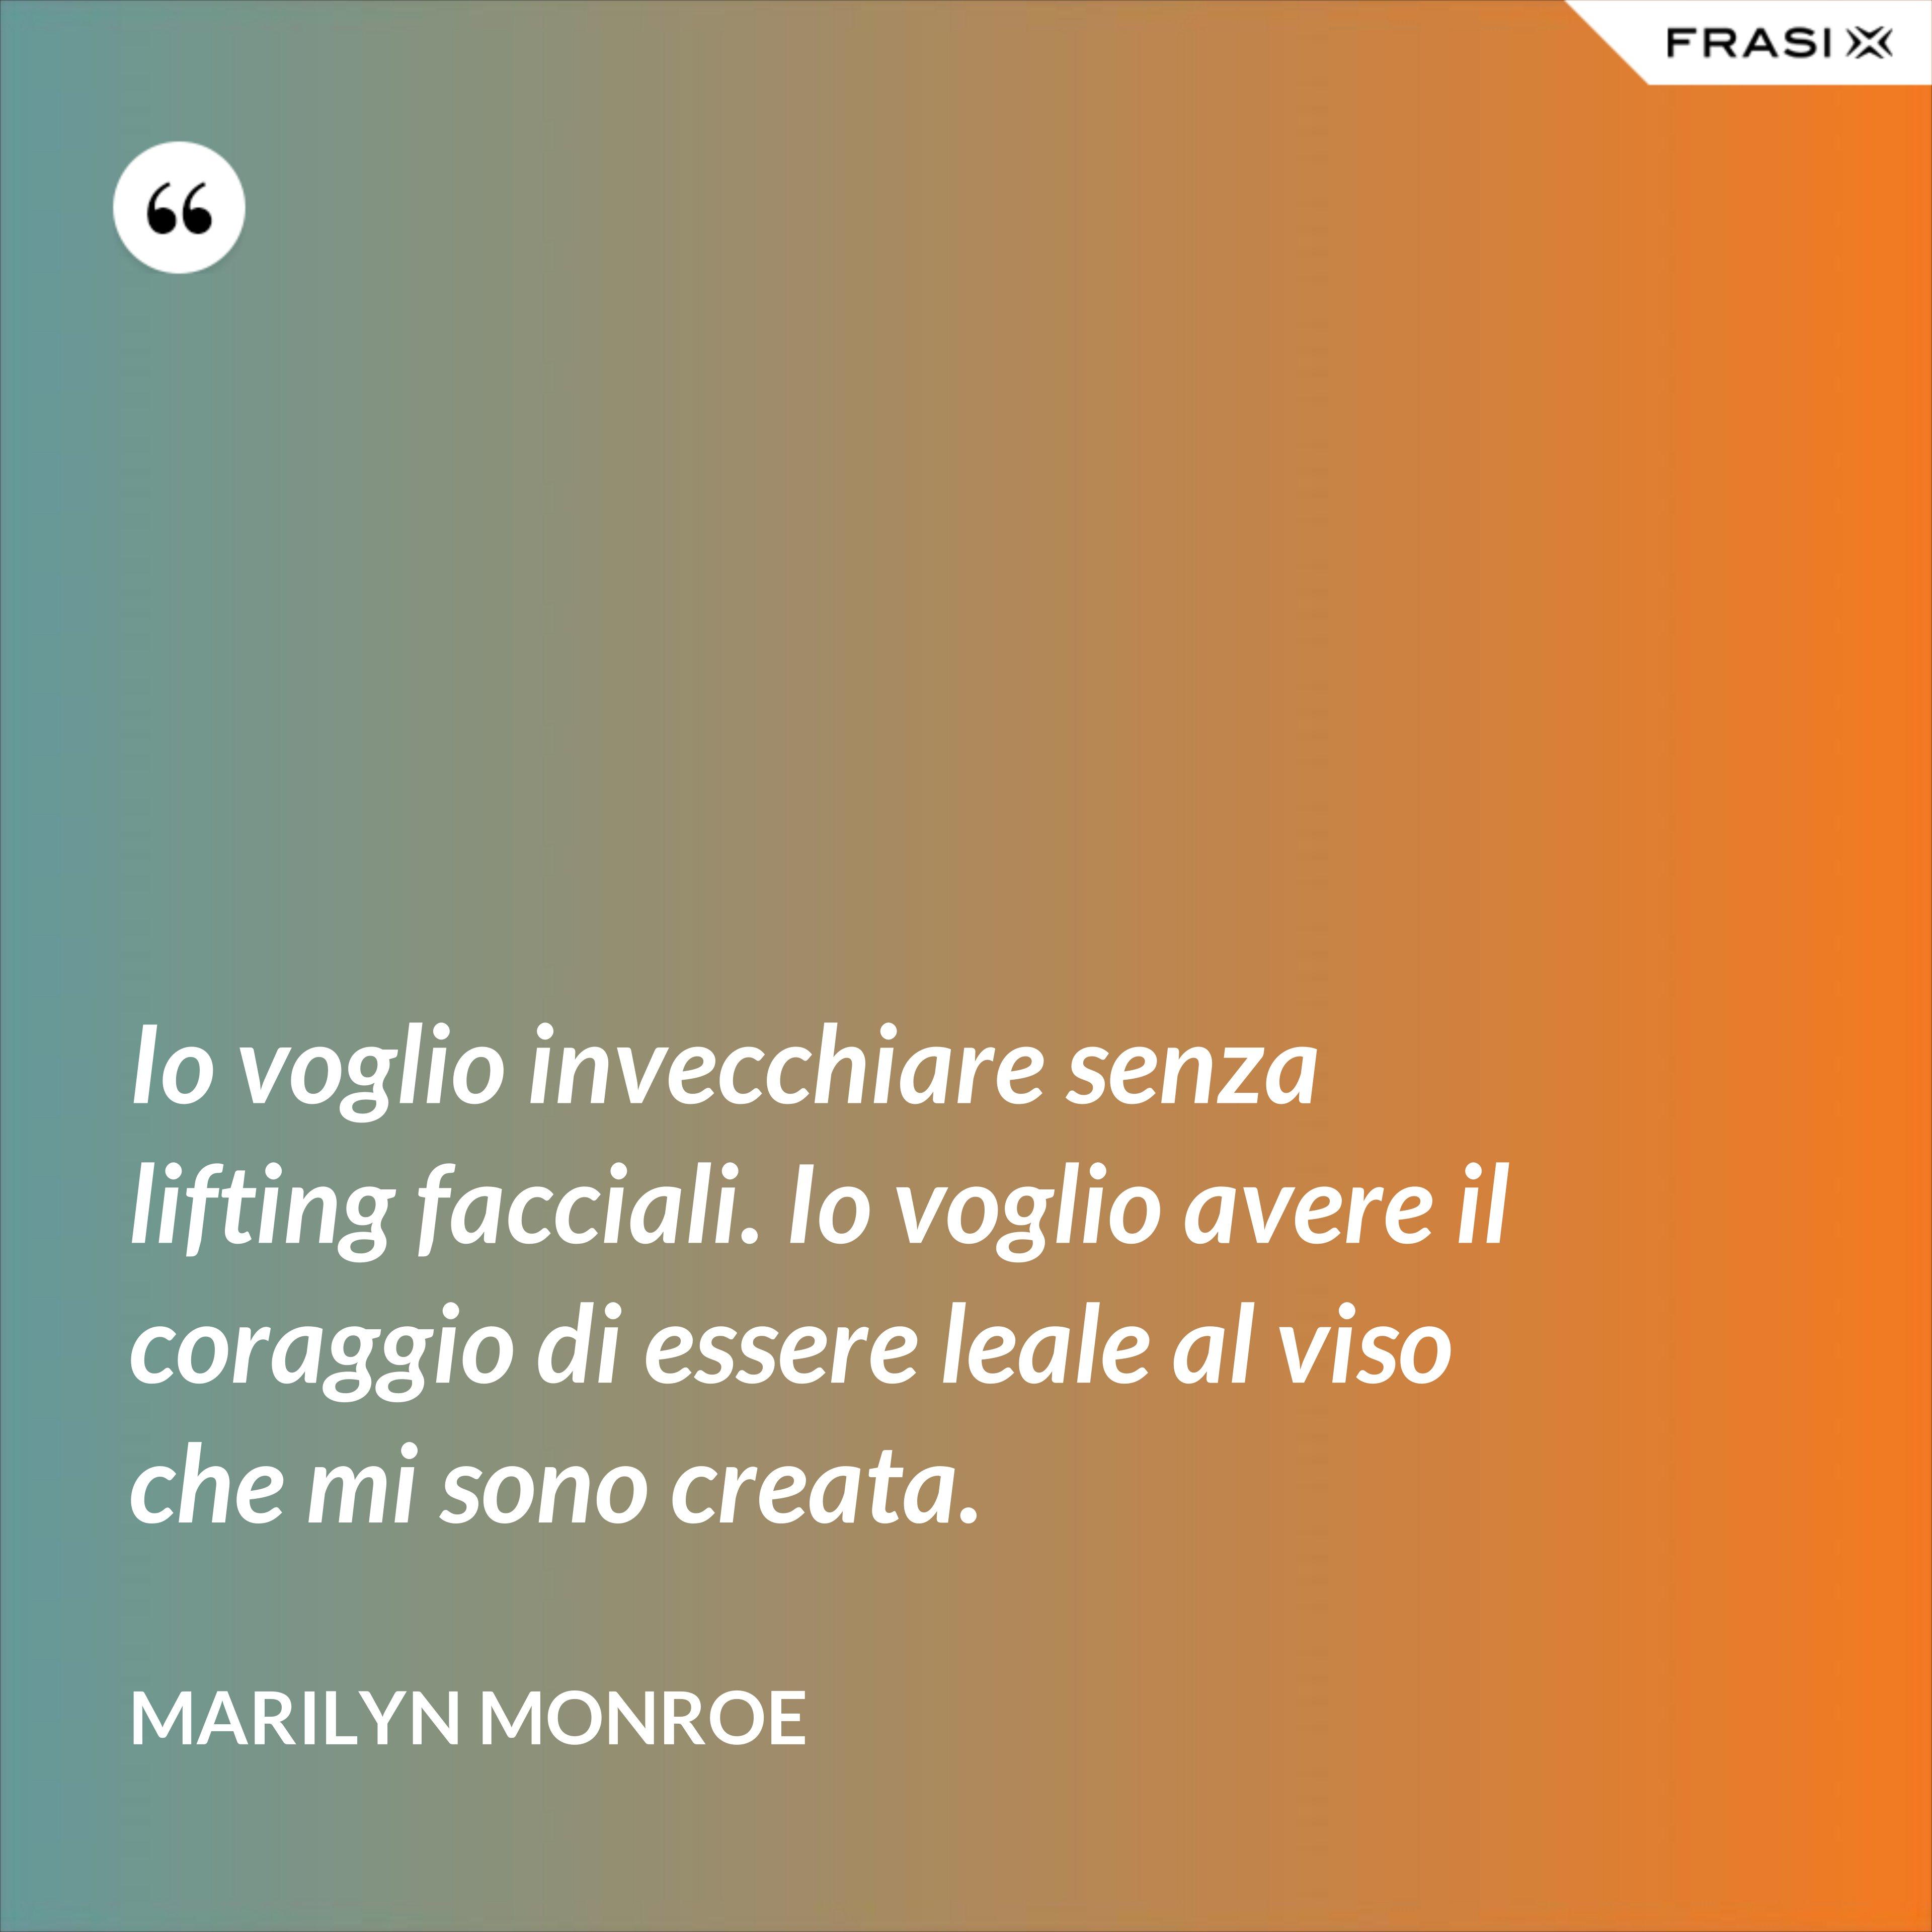 Io voglio invecchiare senza lifting facciali. Io voglio avere il coraggio di essere leale al viso che mi sono creata. - Marilyn Monroe